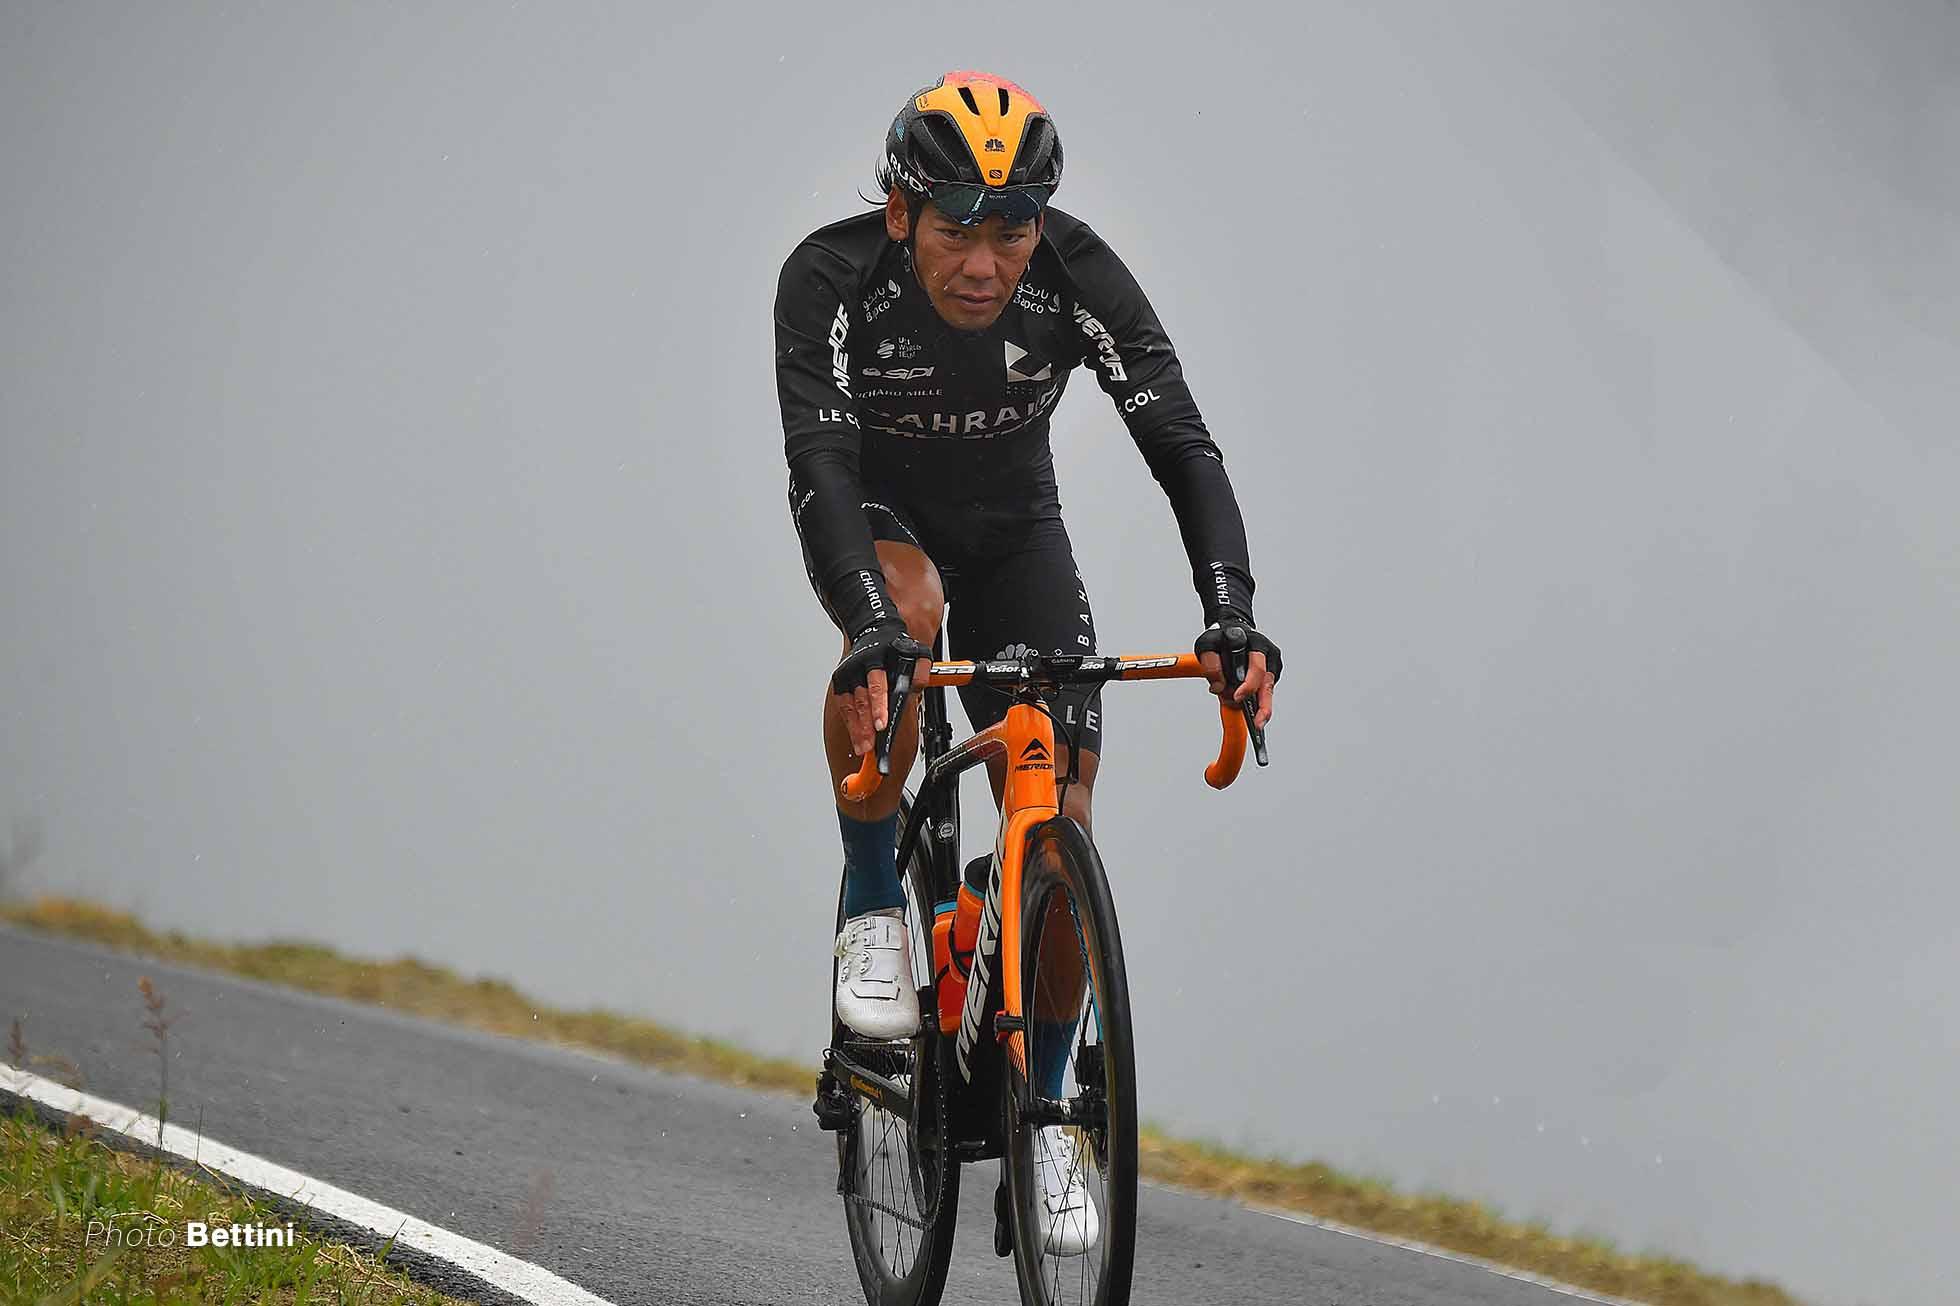 新城幸也 ジロ2020 第12ステージ photo Bettini